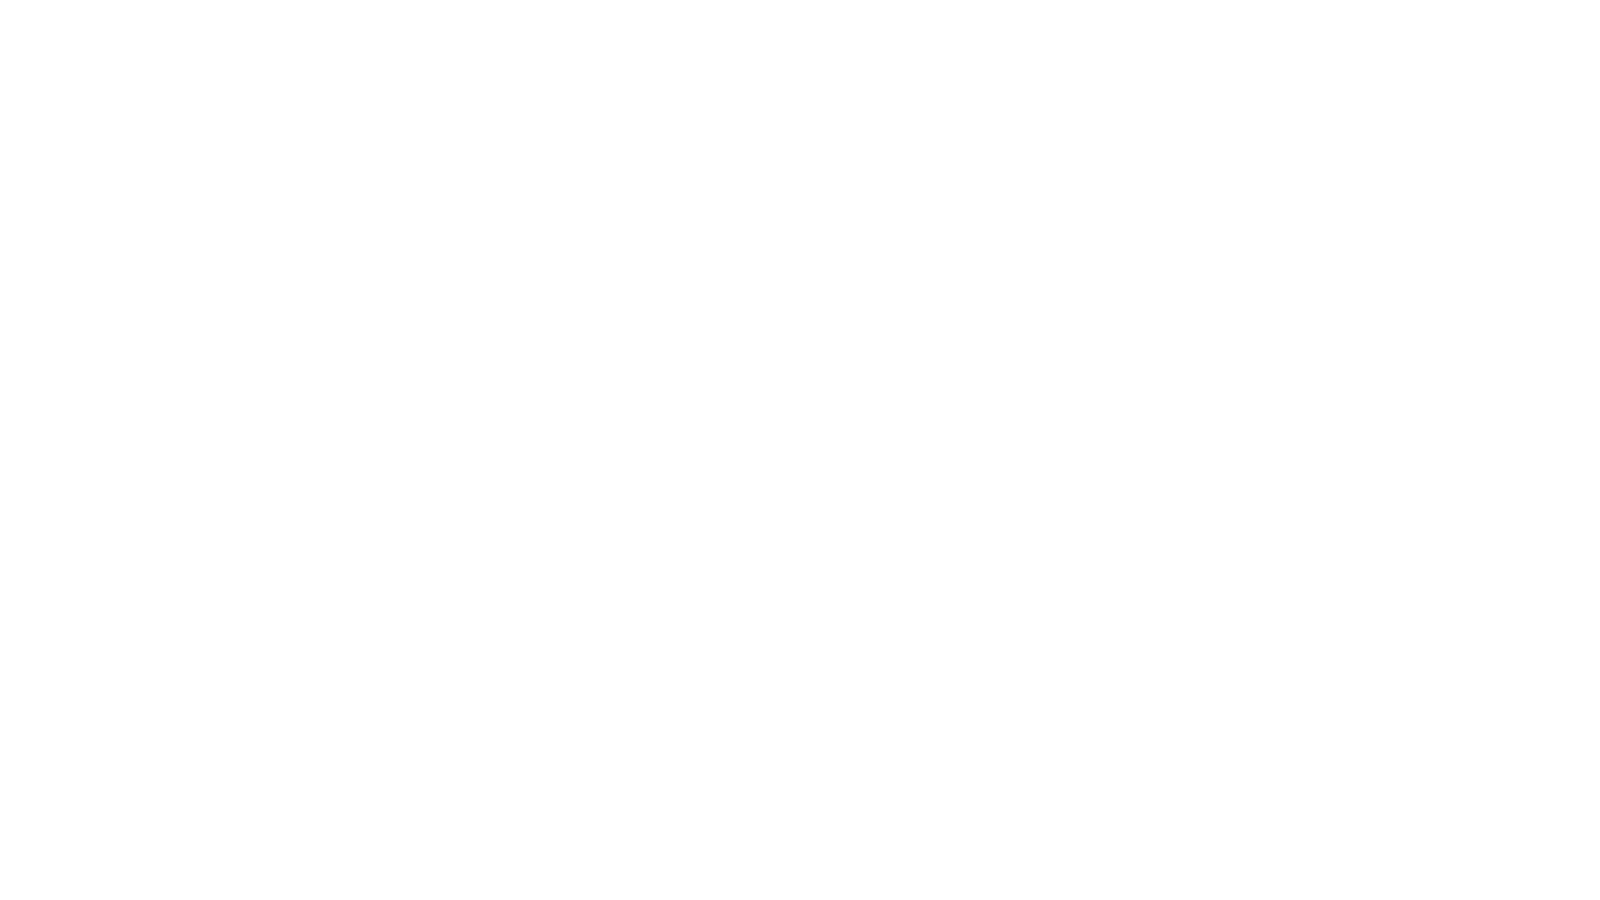 Kekancan Mukti sepakat untuk melawan COVID 19, dan mengikuti anjuran pemerintah untuk memberlakukan SOP NEW NORMAL kepada seluruh unit dibawah PT Kekancan Mukti Group, Kekancan Mukti juga selalu berusaha memberikan pelayanan terbaik untuk masyarakat & pelanggan Kekancan Mukti. Stay safe ! Stay healthy ! Lan ojo lali tetep kekancan yoooo luuurrr !!   #kekancanmukti #covid19 #newnormal #corona #semarang